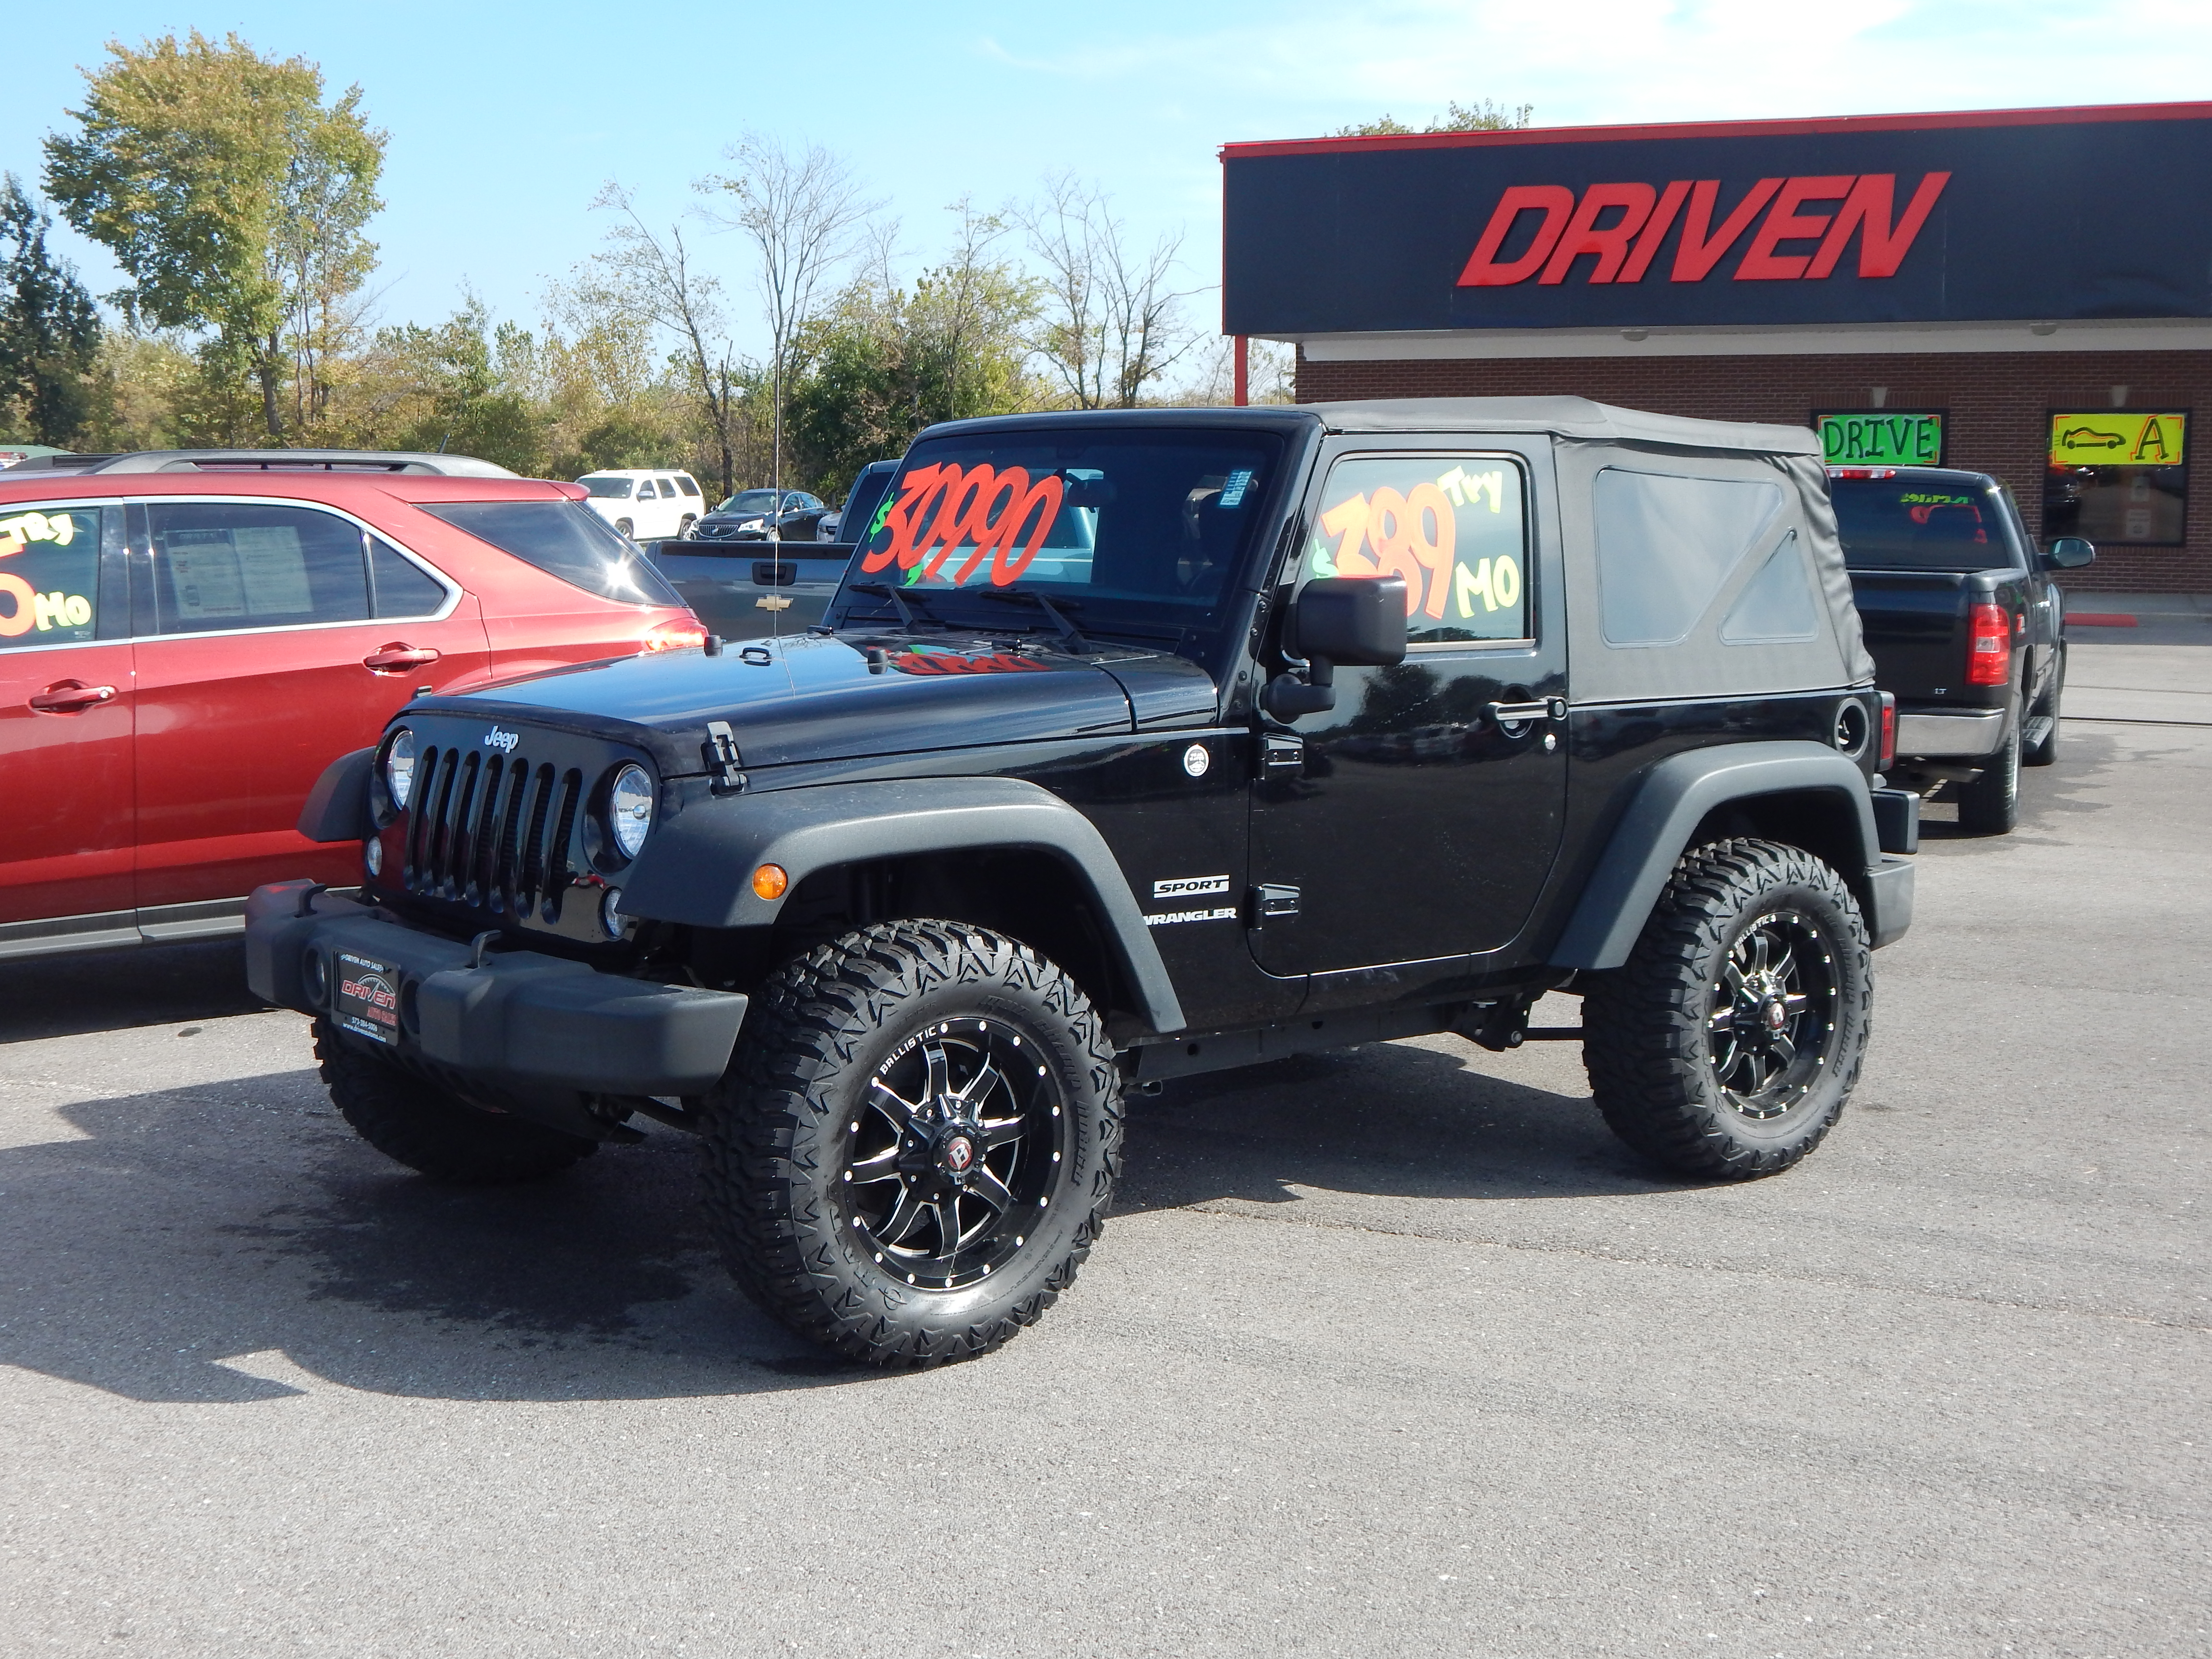 Driven Auto Sales - Silex, MO